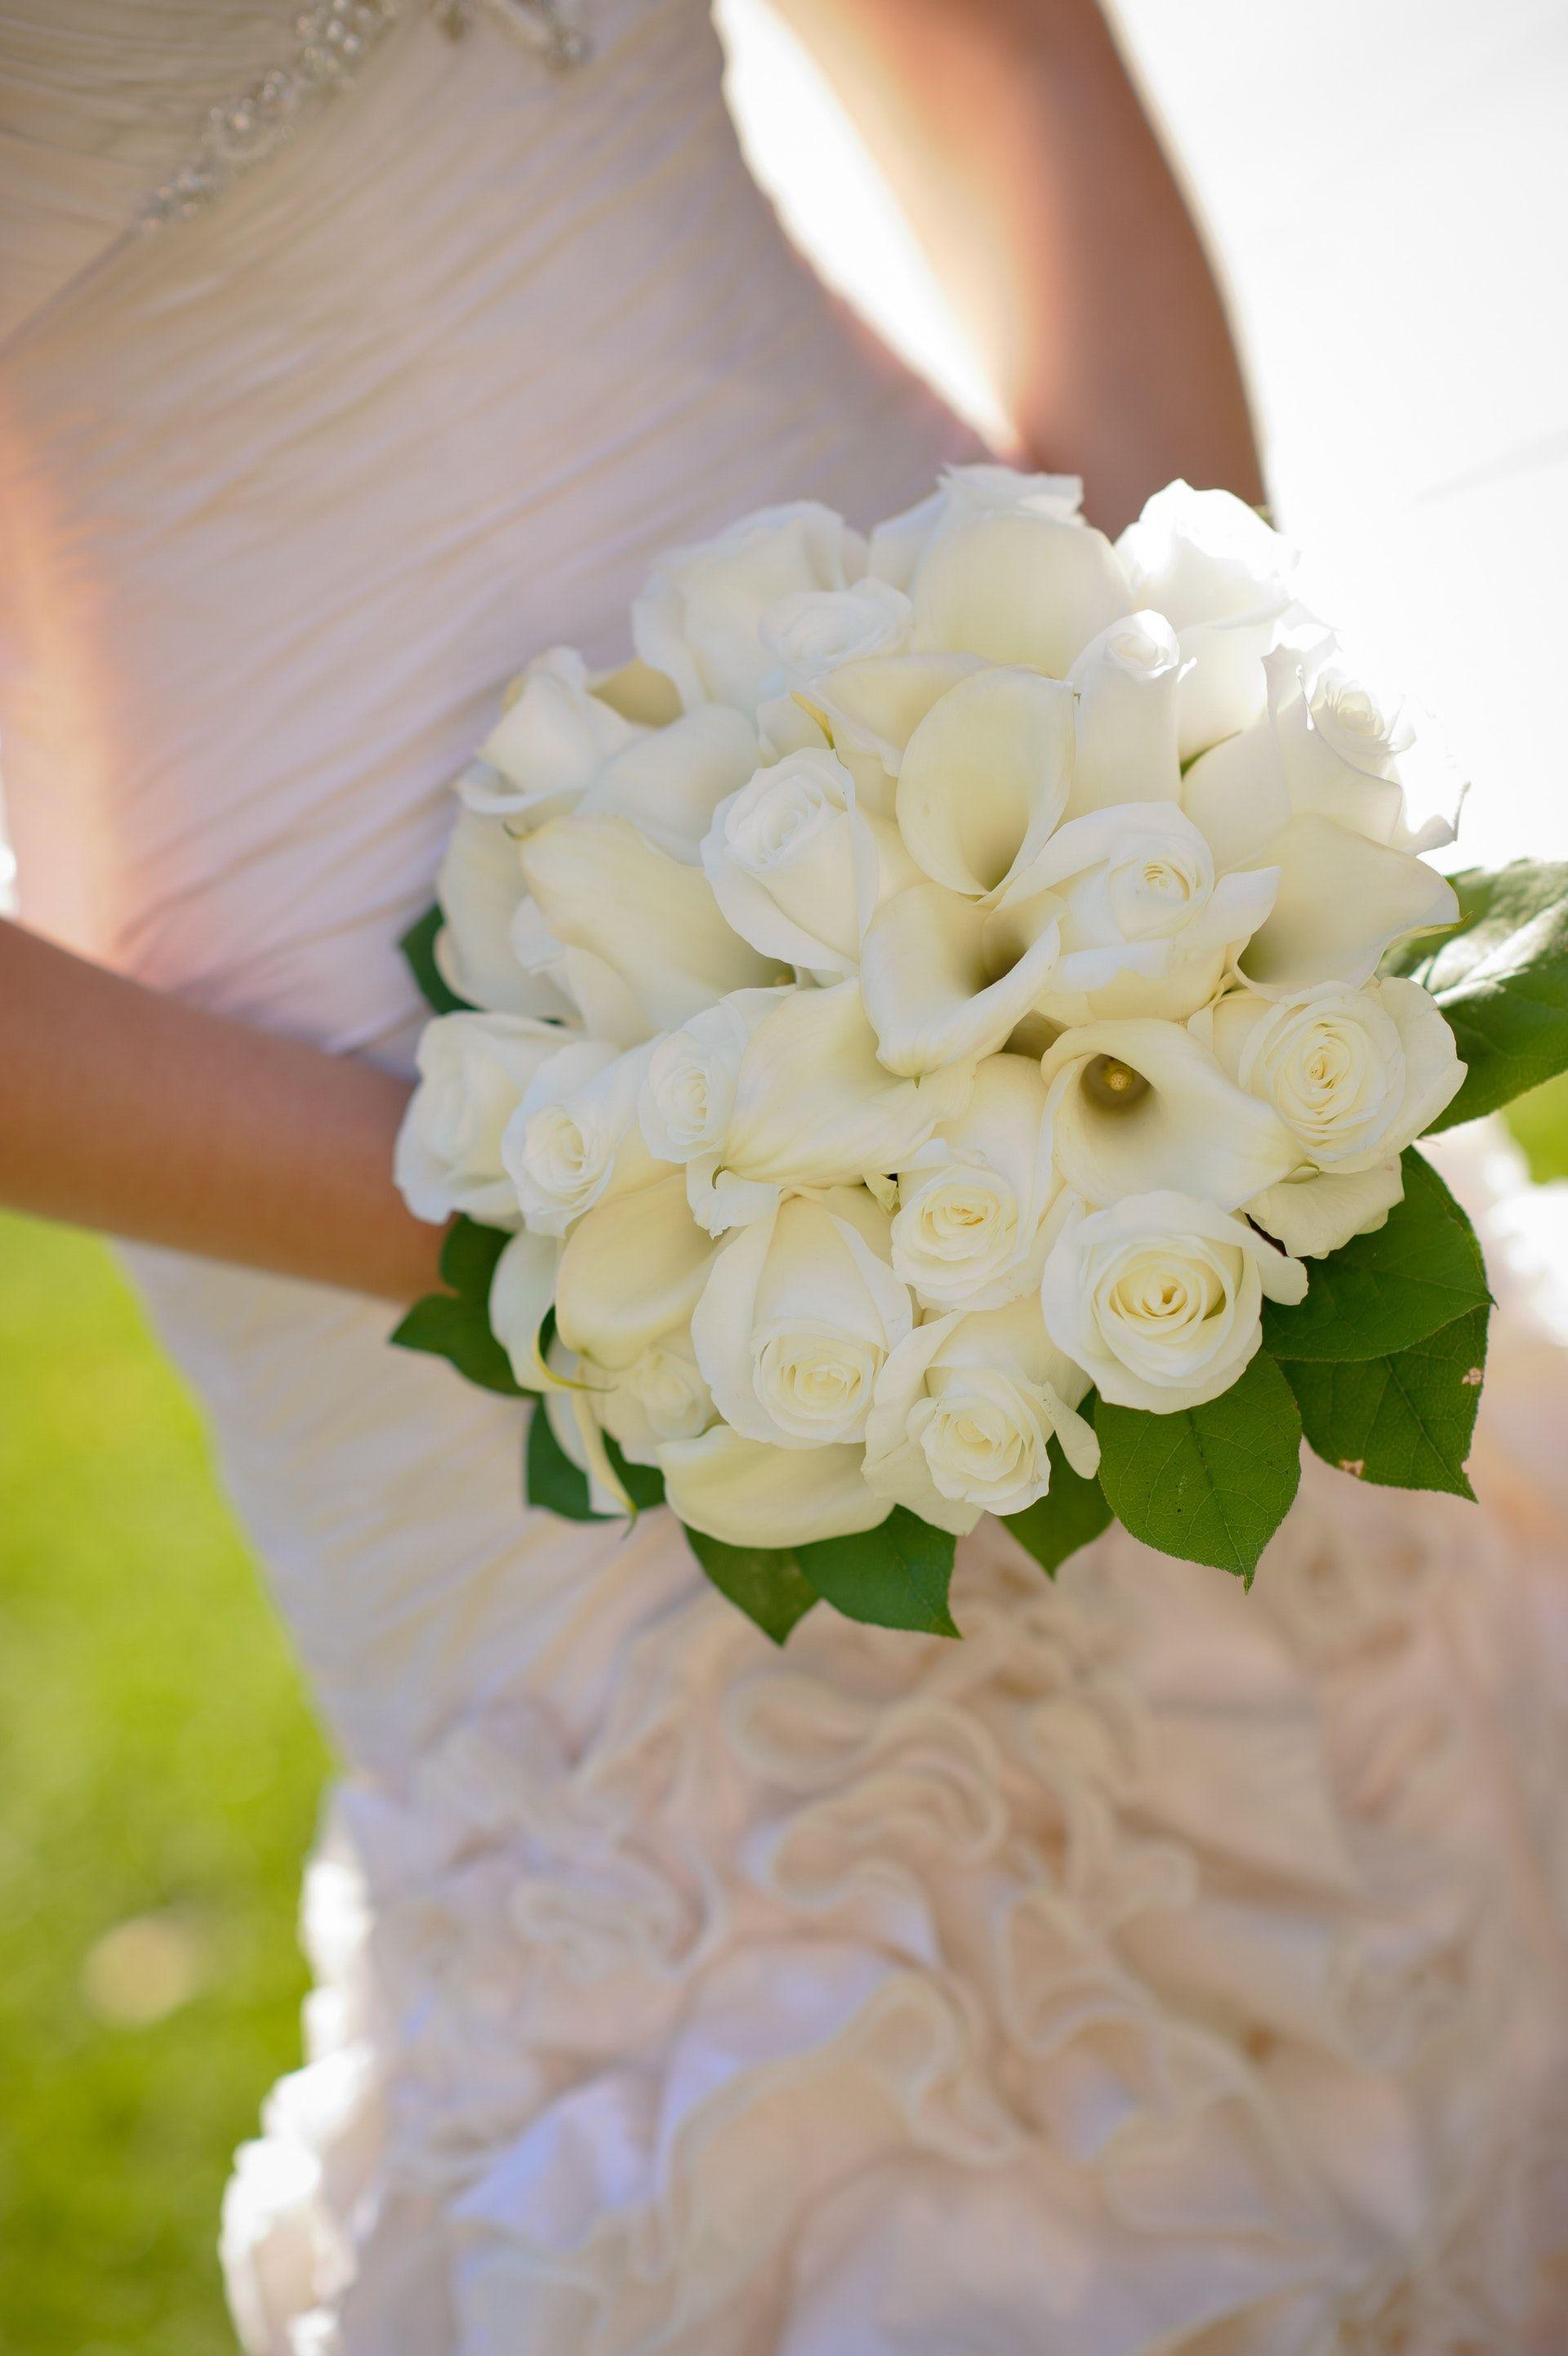 اجمل صور بوكيه ورد لاعياد الميلاد وللأحبه موقع مصري Wedding Tips White Flower Bouquet Save Money Wedding